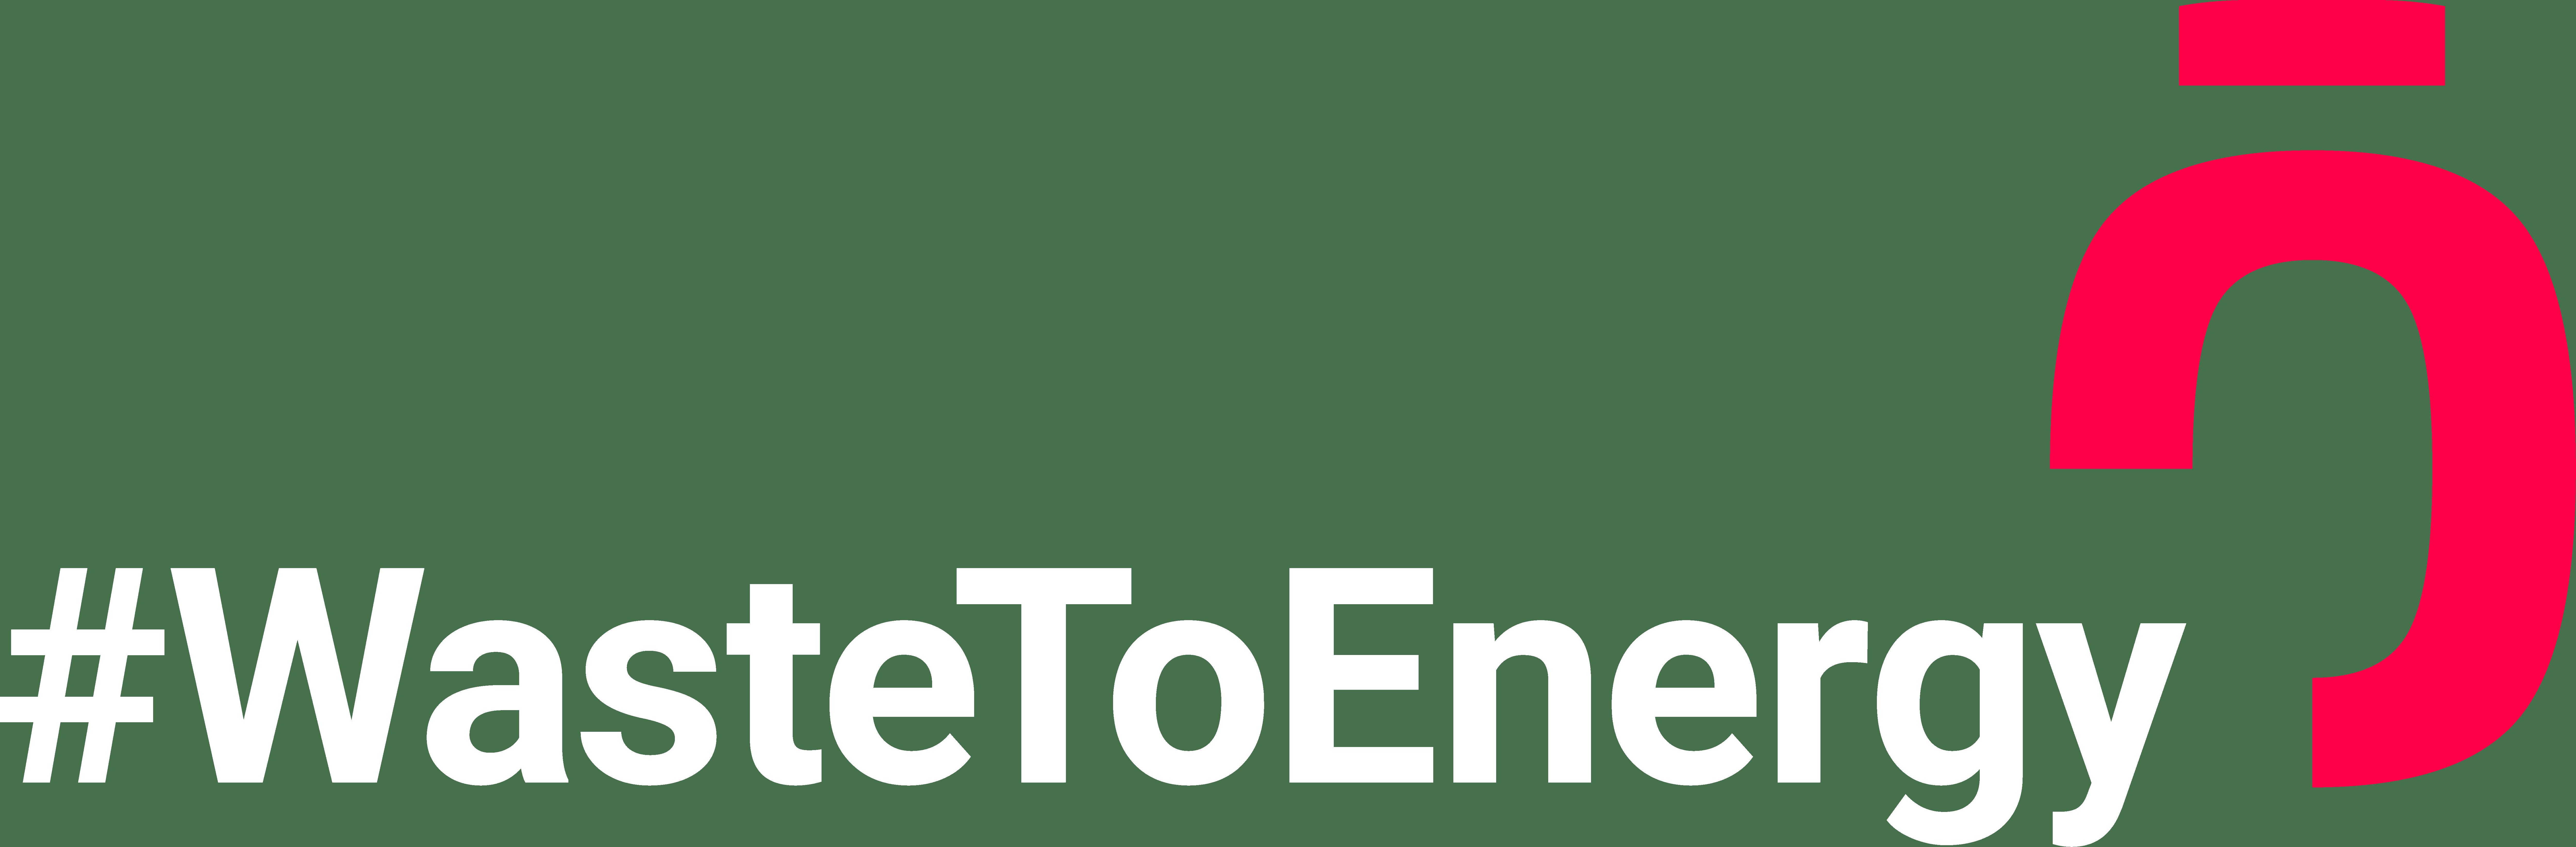 wastetoenergy